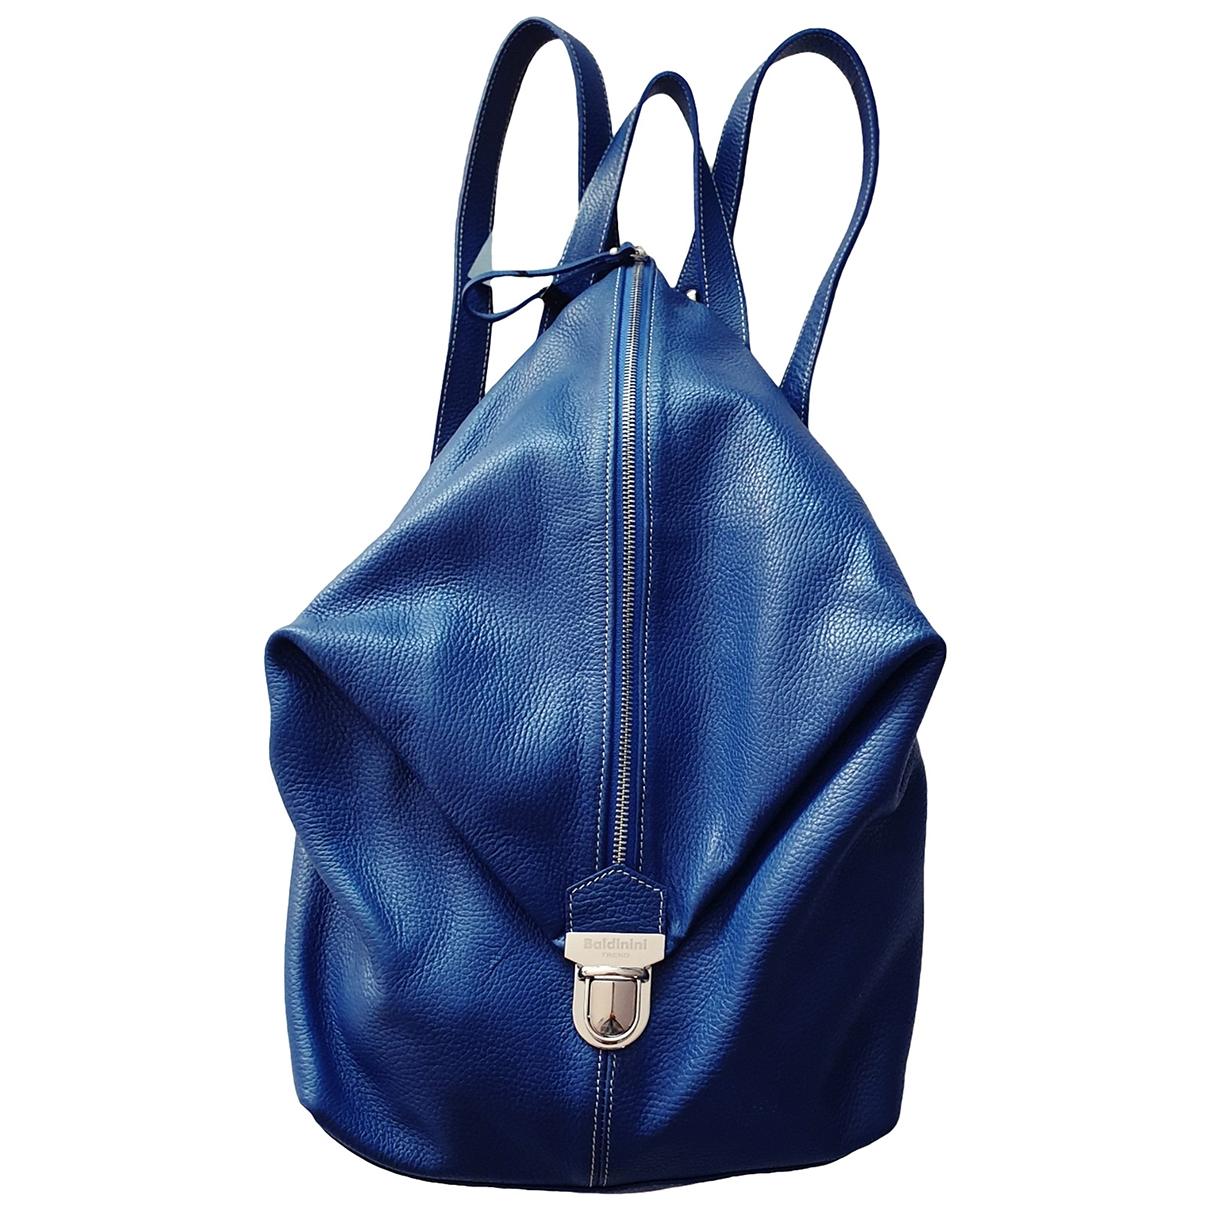 Baldinini \N Blue Leather backpack for Women \N